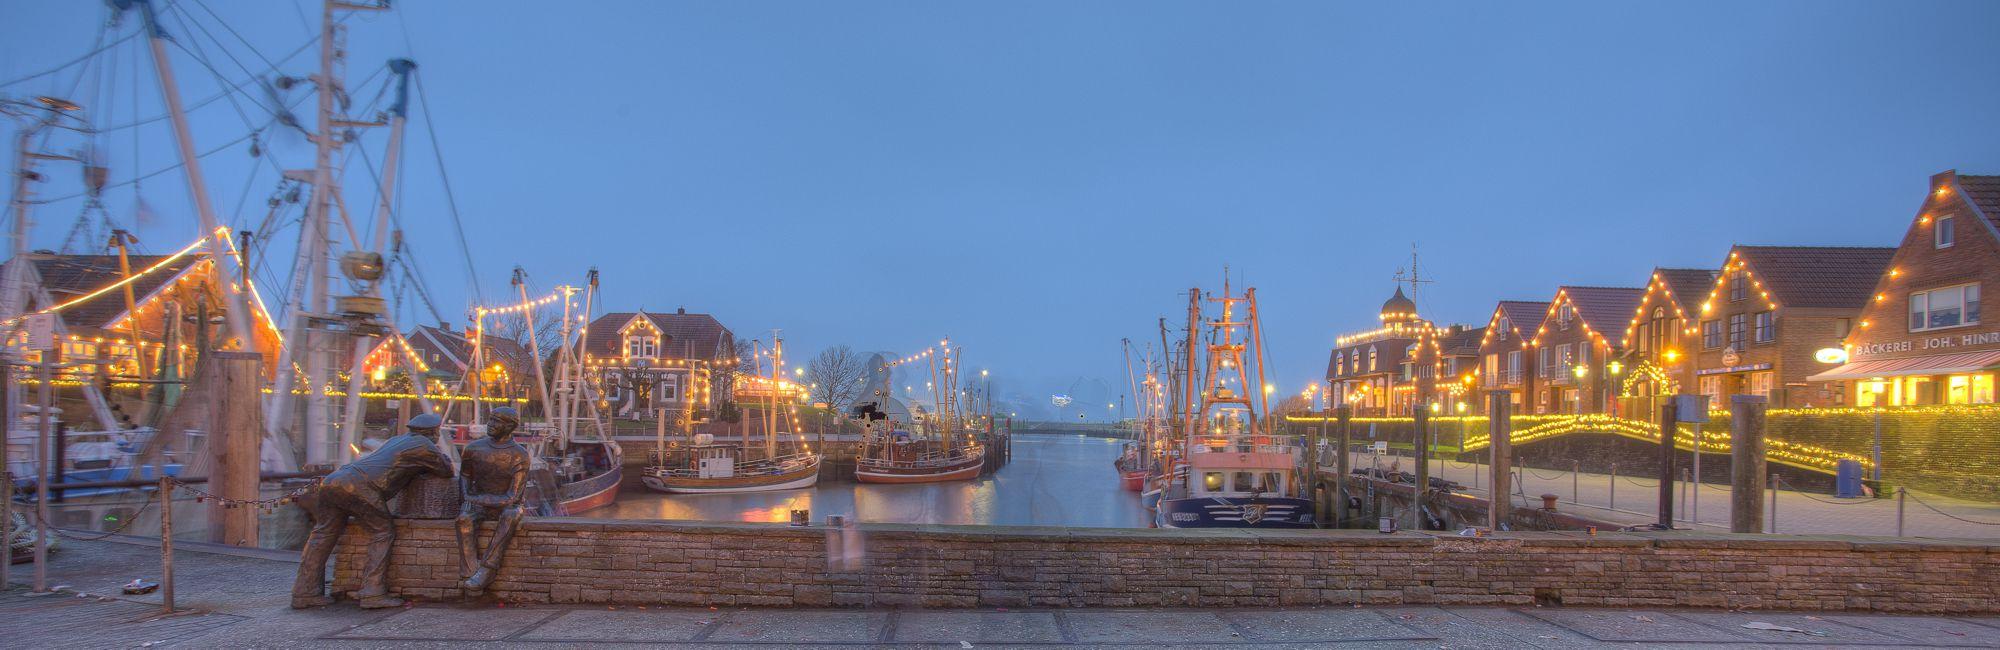 Bilder Von Weihnachten.Weihnachten An Der Nordsee In Neuharlingersiel Genießen